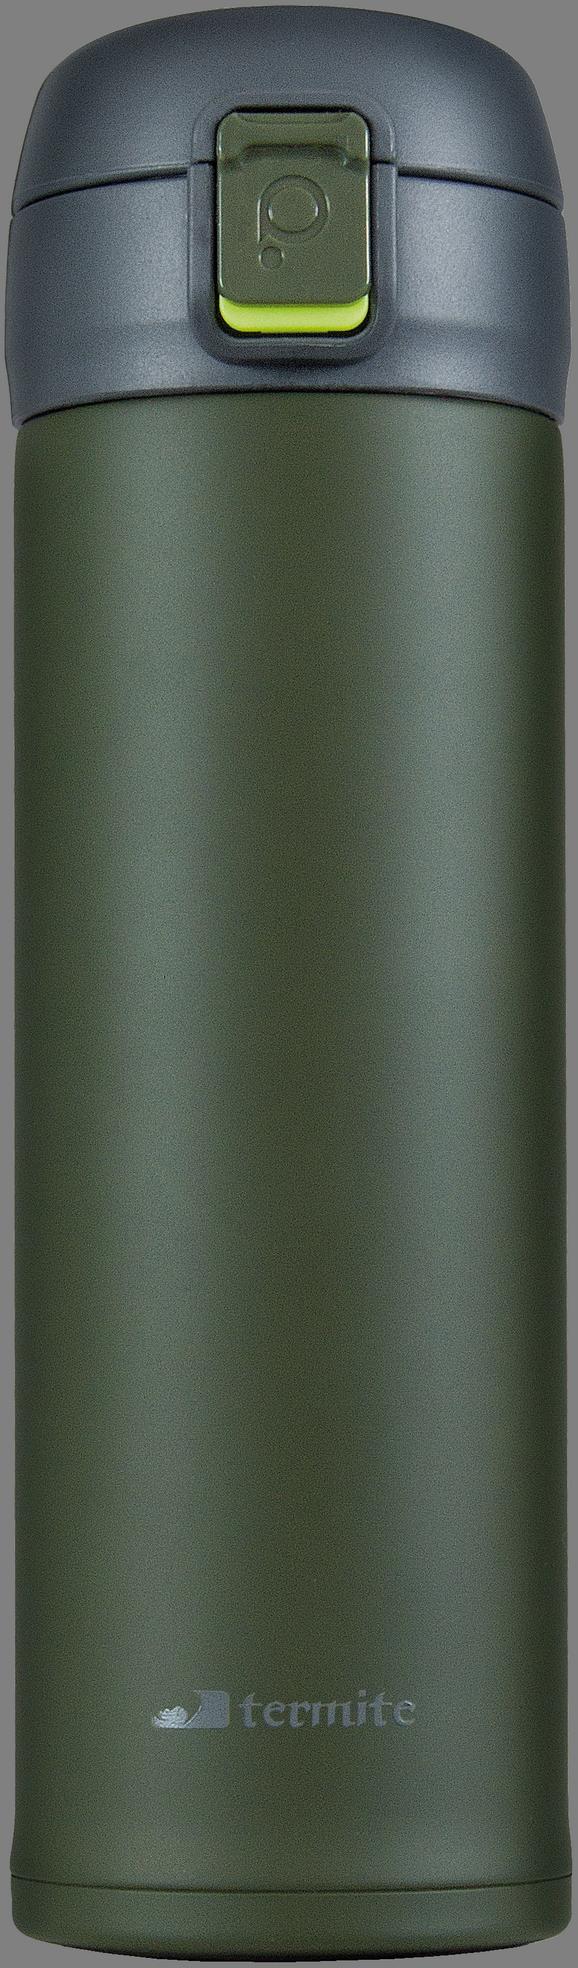 bluff-480-greengreyhd